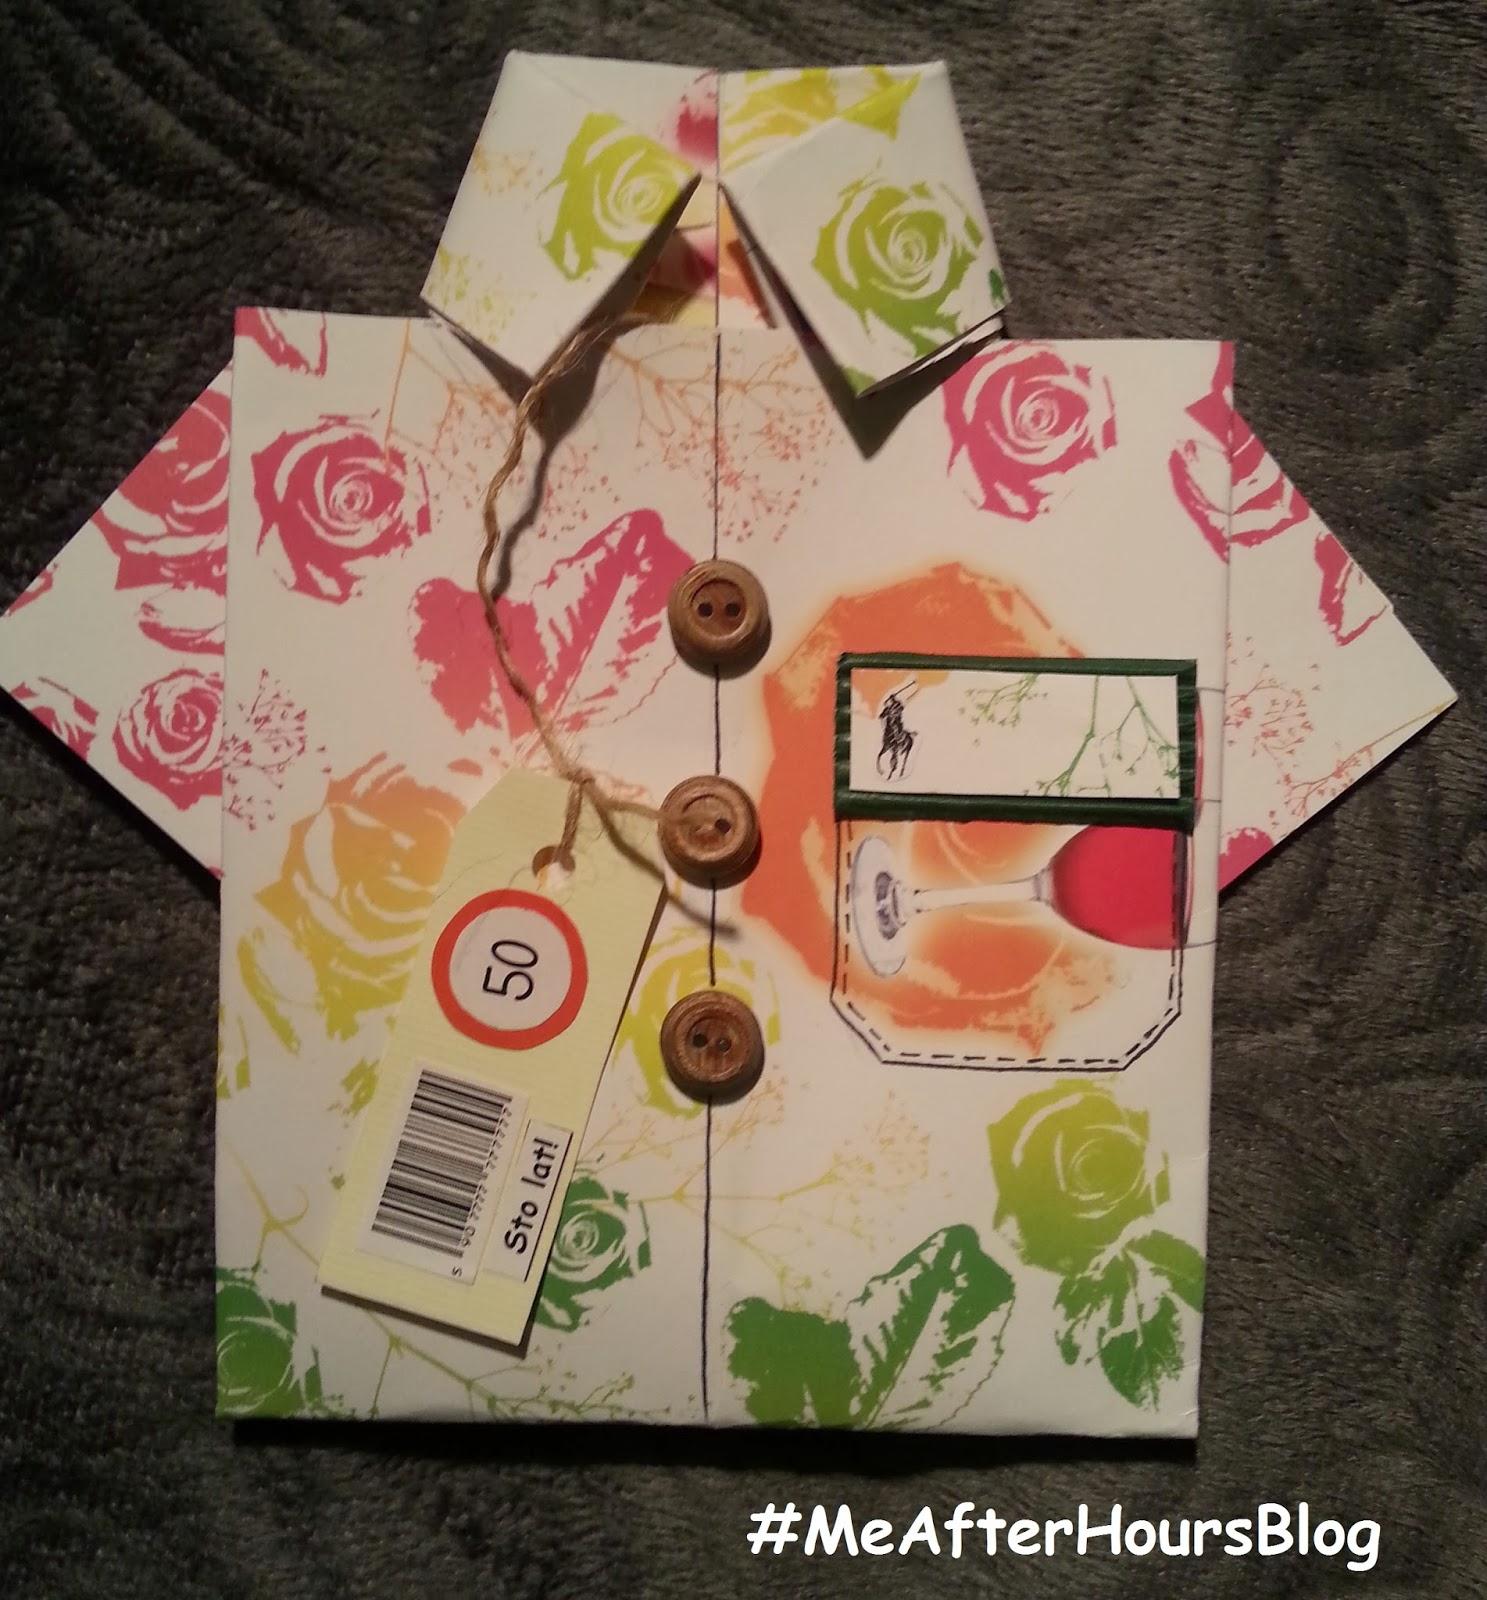 kartka w kształcie koszuli MeAfterHoursBlog